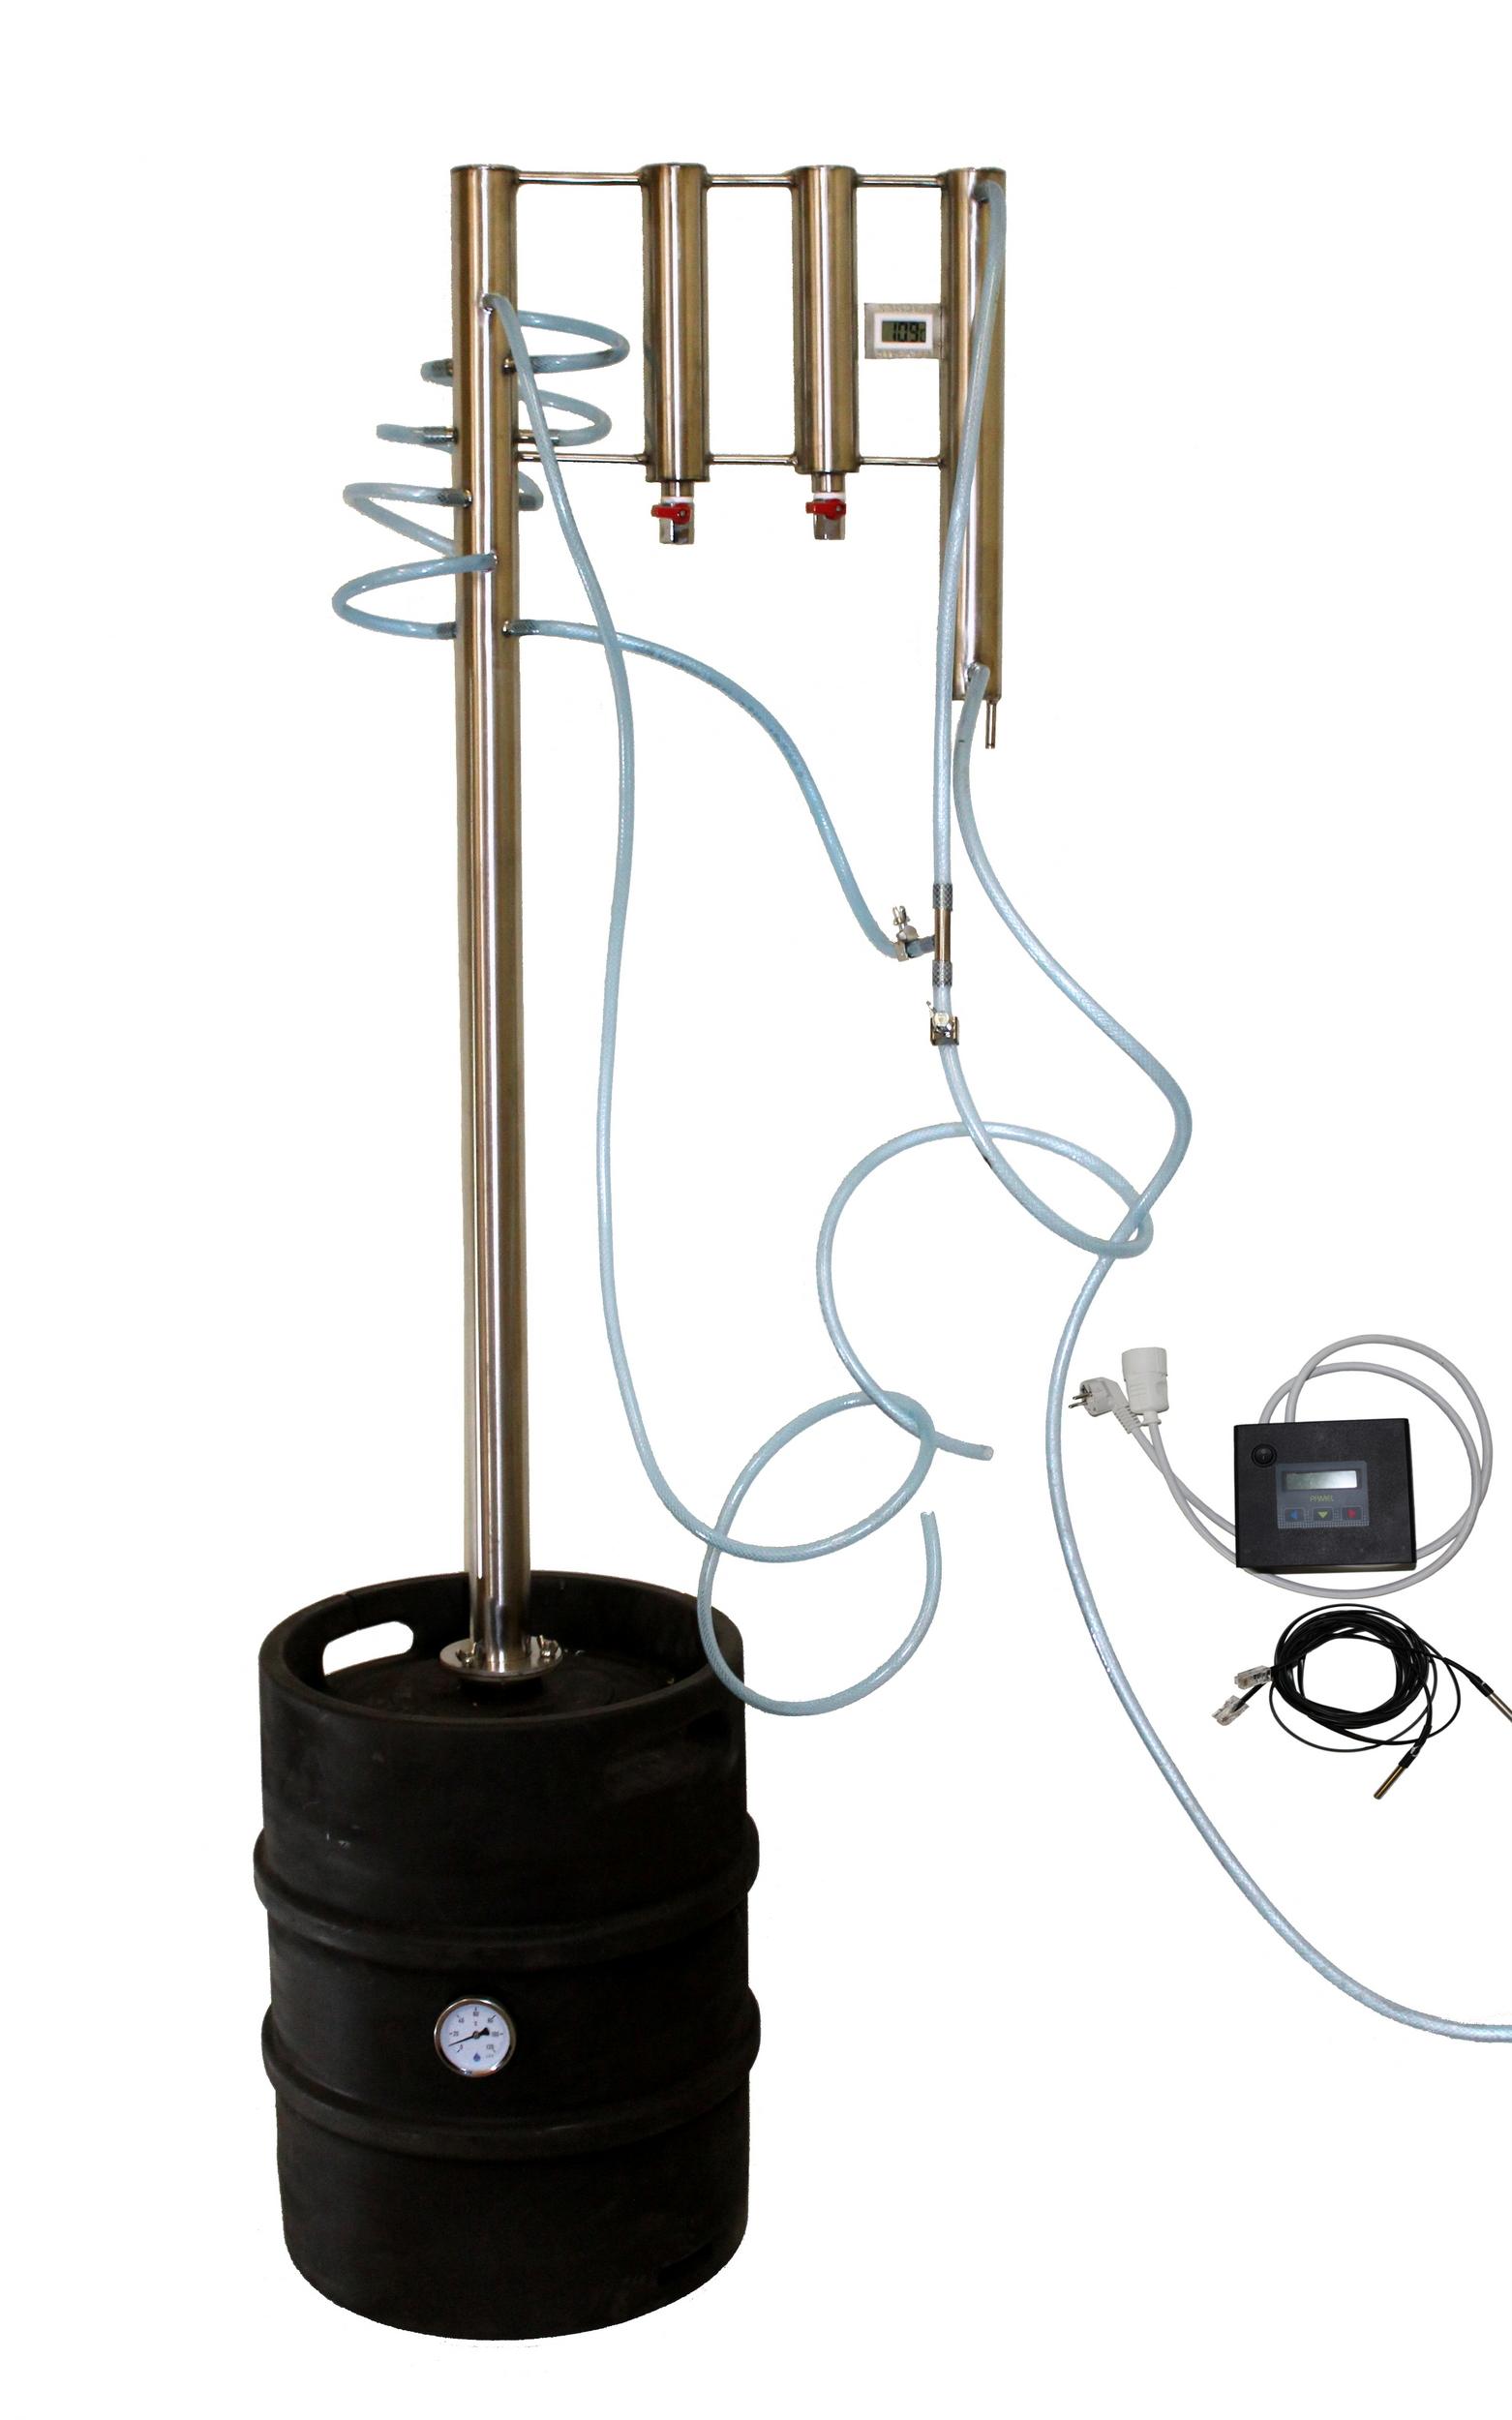 Automatický elektrický destilátor, Palírna, Lihovarník, Vinopalník Destilační přístroj